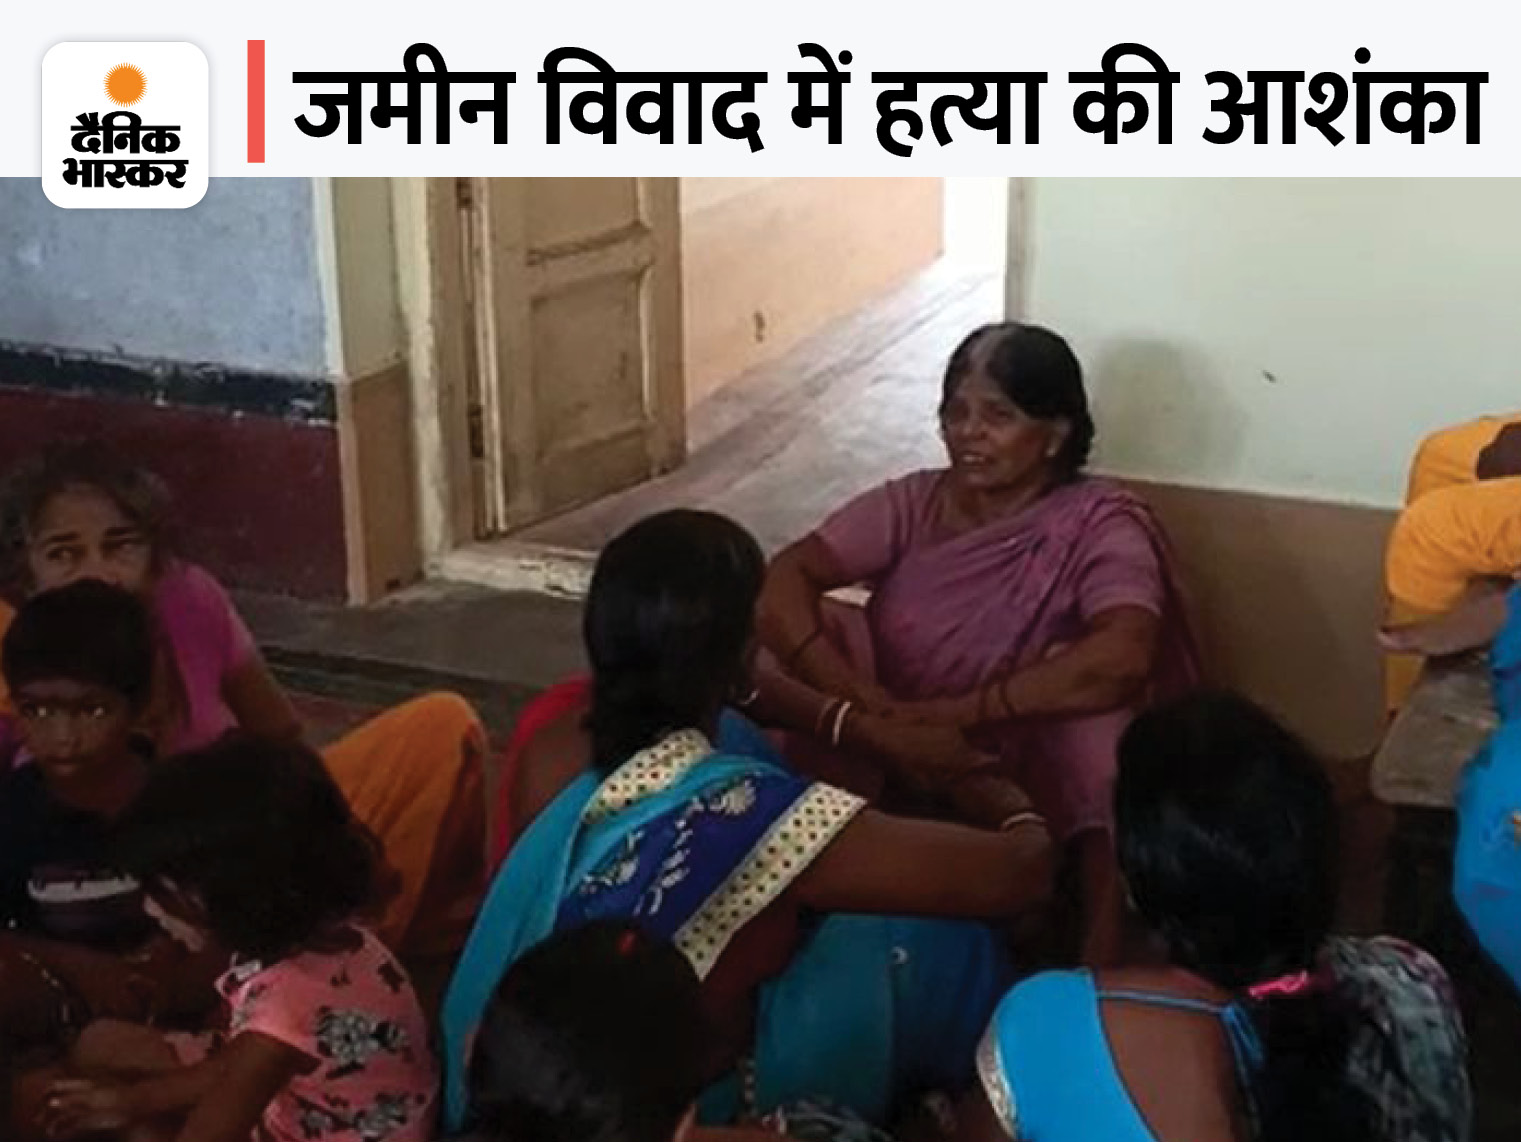 झाझा में हाथ-पैर बांधकर बदमाशों ने वृद्ध दंपती को पीटा, बुजुर्ग की मौत, किसी तरह पड़ोसी के घर भाग पत्नी ने बचाई जान बिहार,Bihar - Dainik Bhaskar